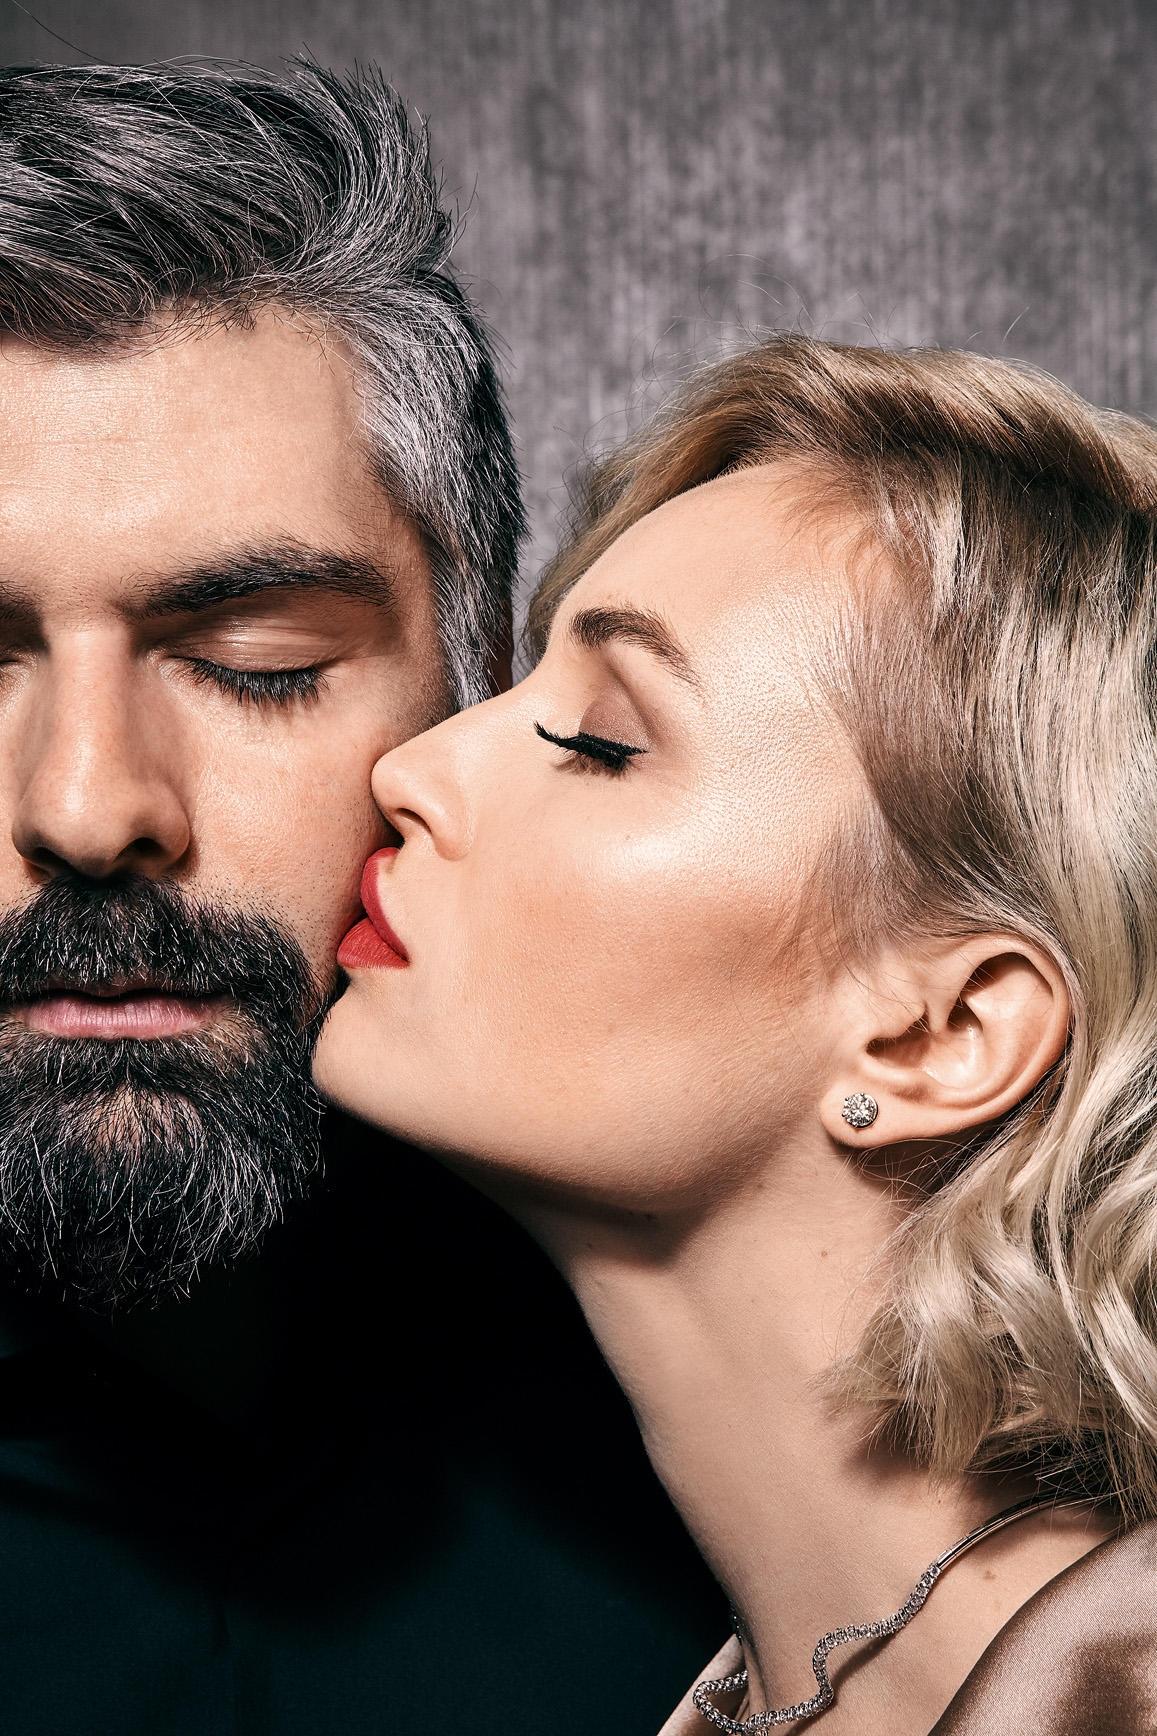 гагарина и исхкаков развод